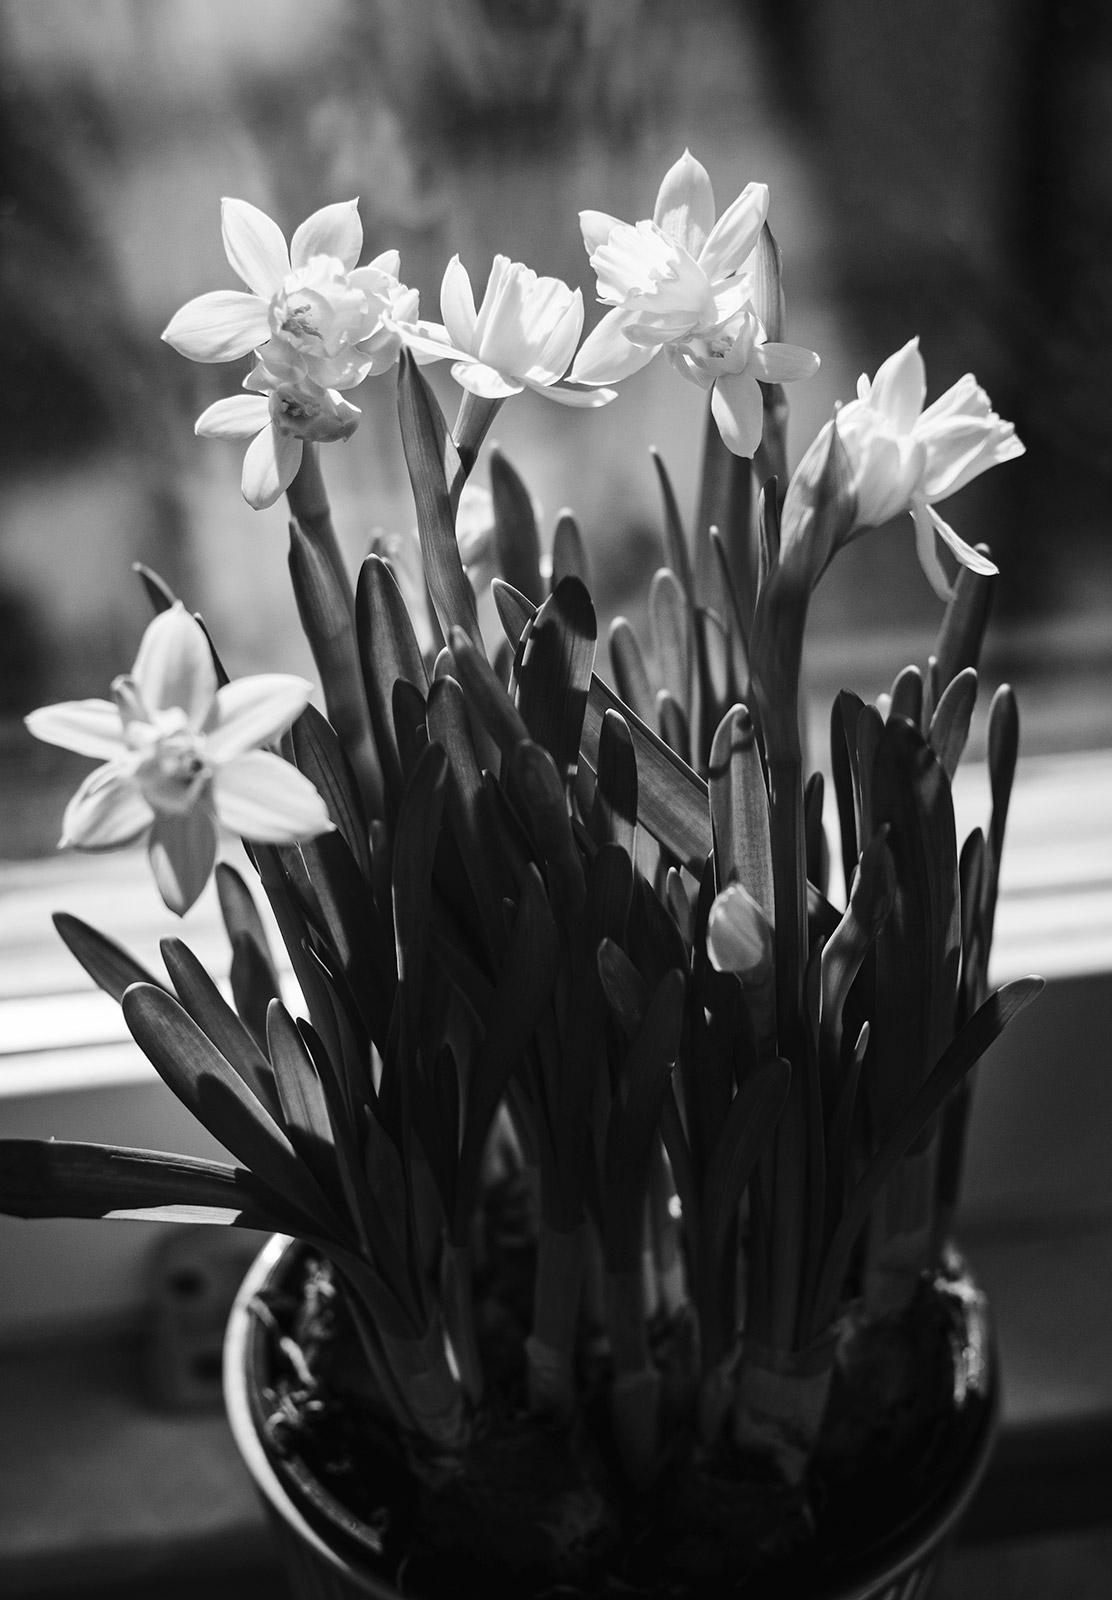 Sun on daffodils